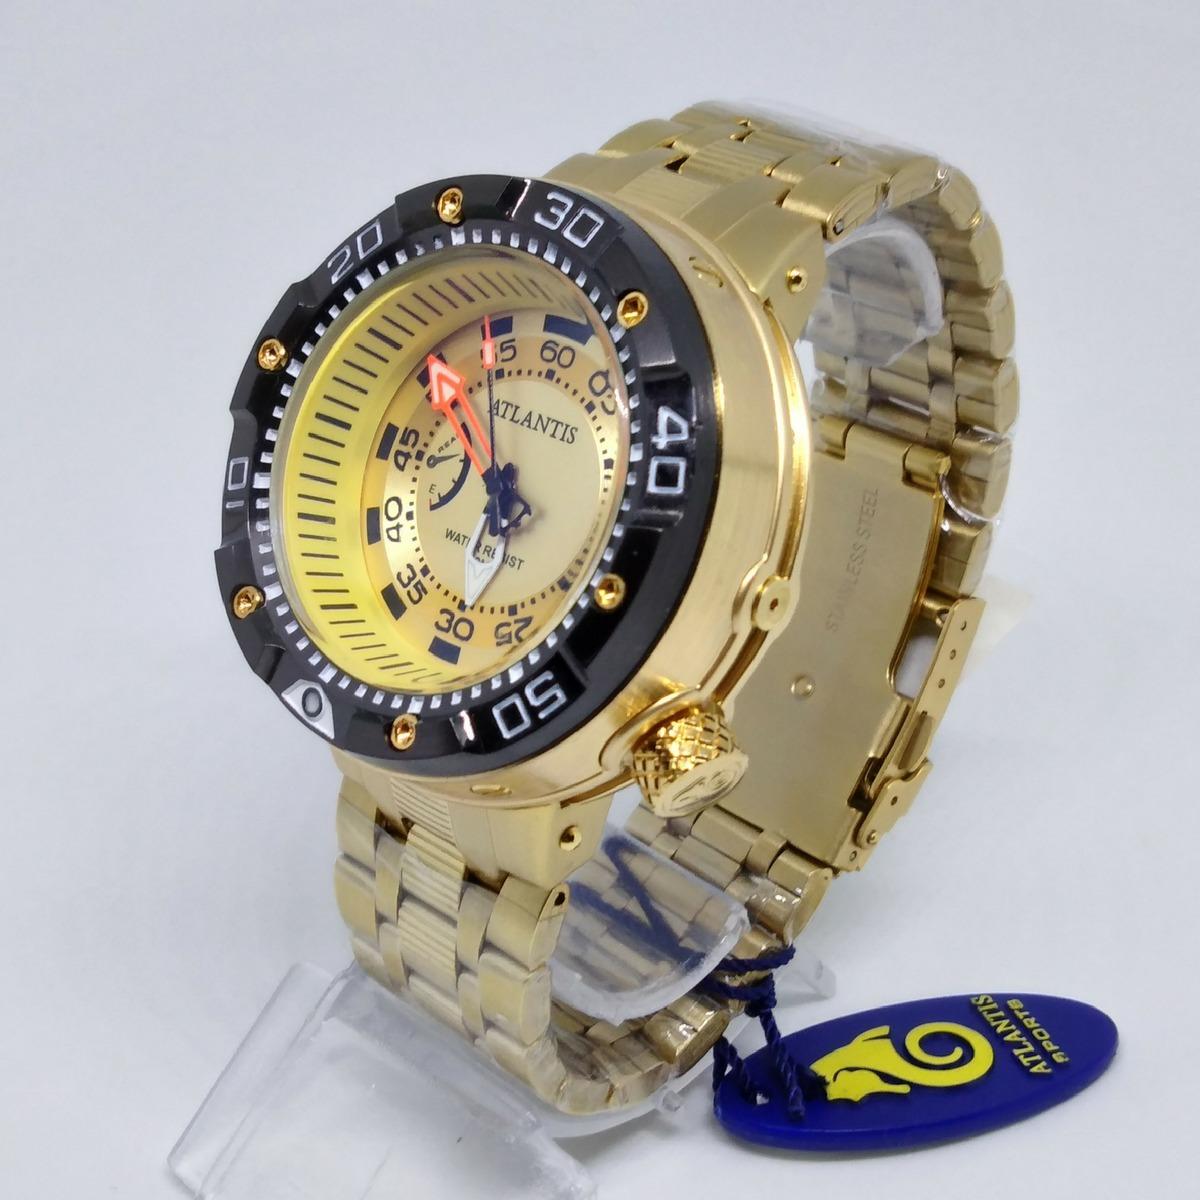 17b6ea3c5e8 relógio masculino luxo analógico dourado original atlantis. Carregando zoom.